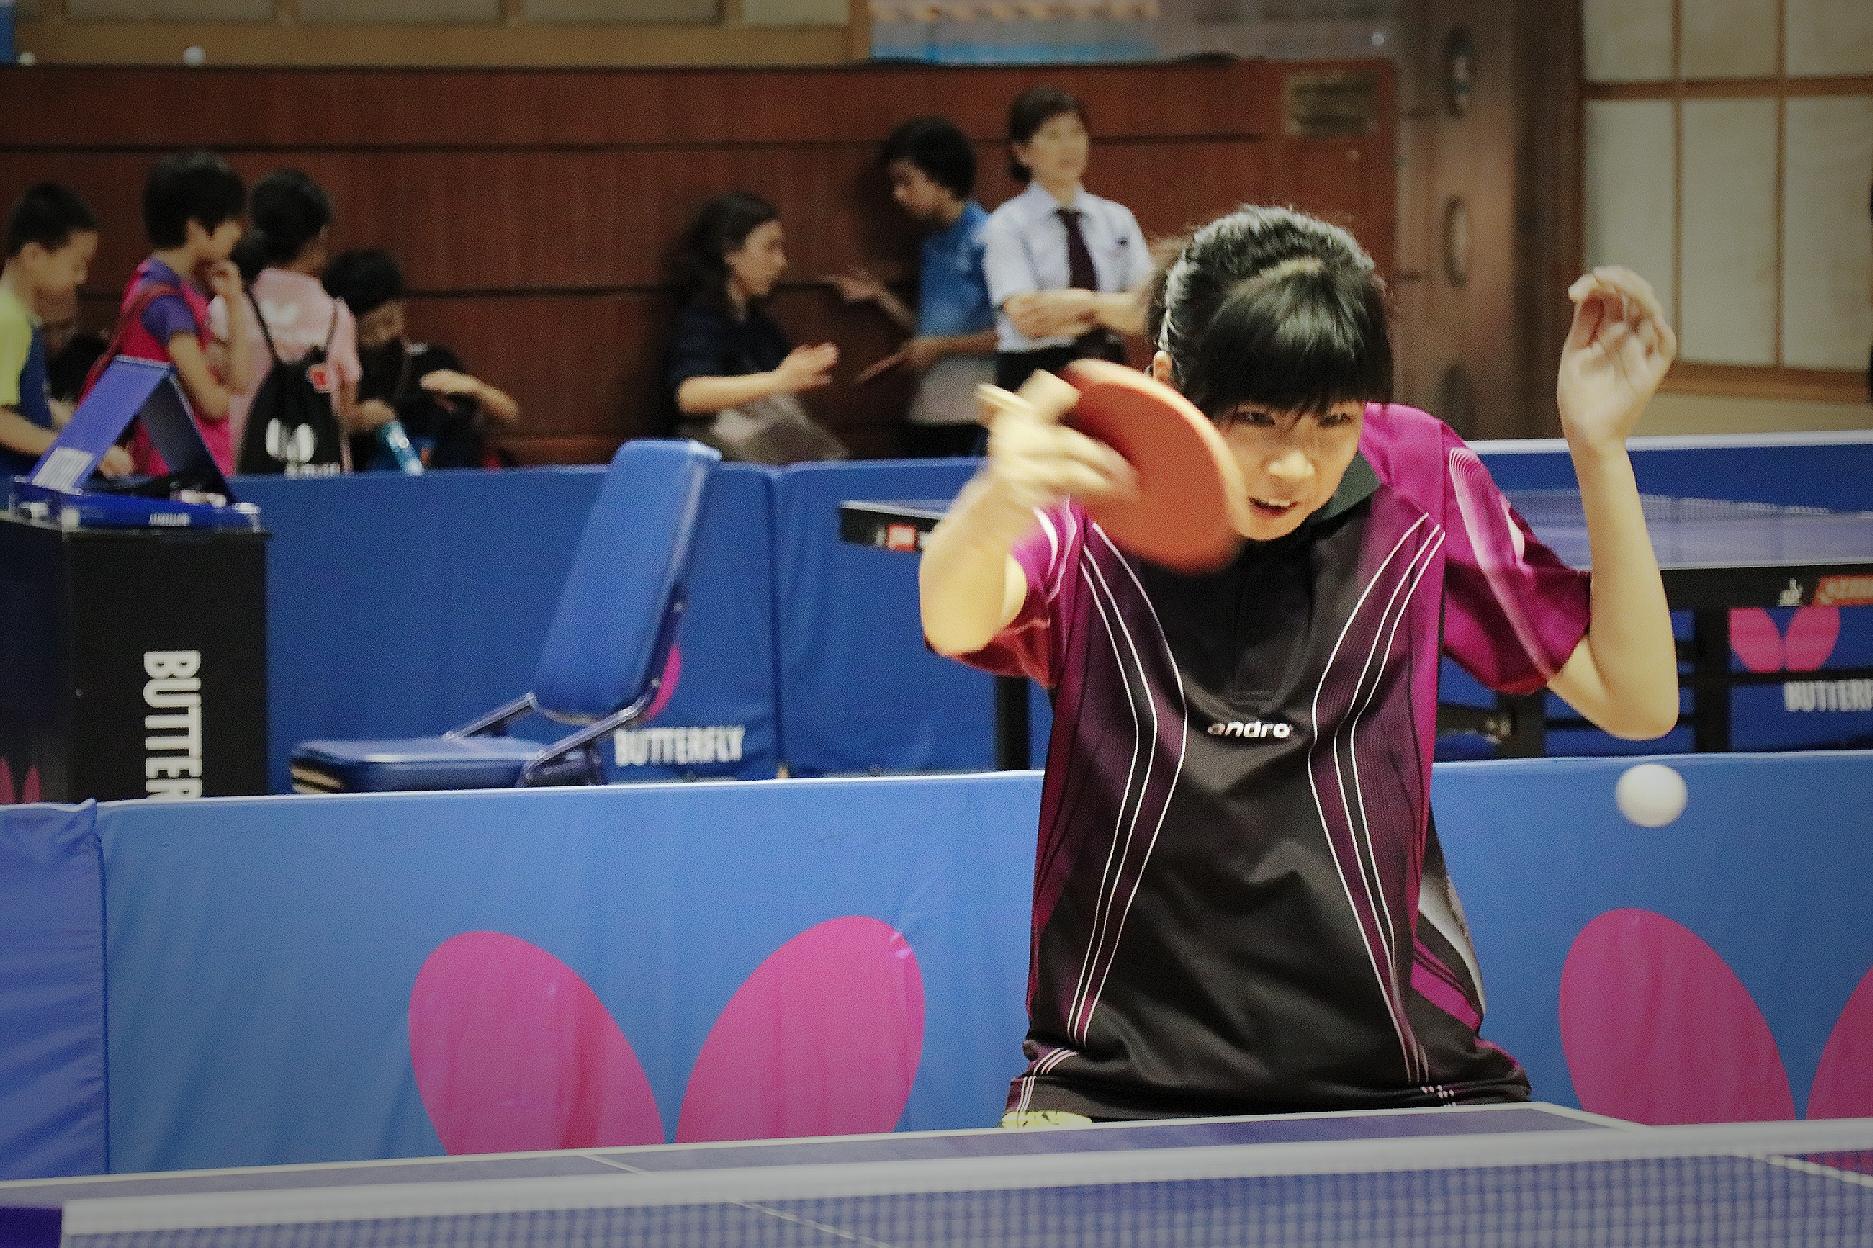 11岁乒乓少女邱婧姝终拿个人首座冠军奖杯 冠军之路或从这里正式起航